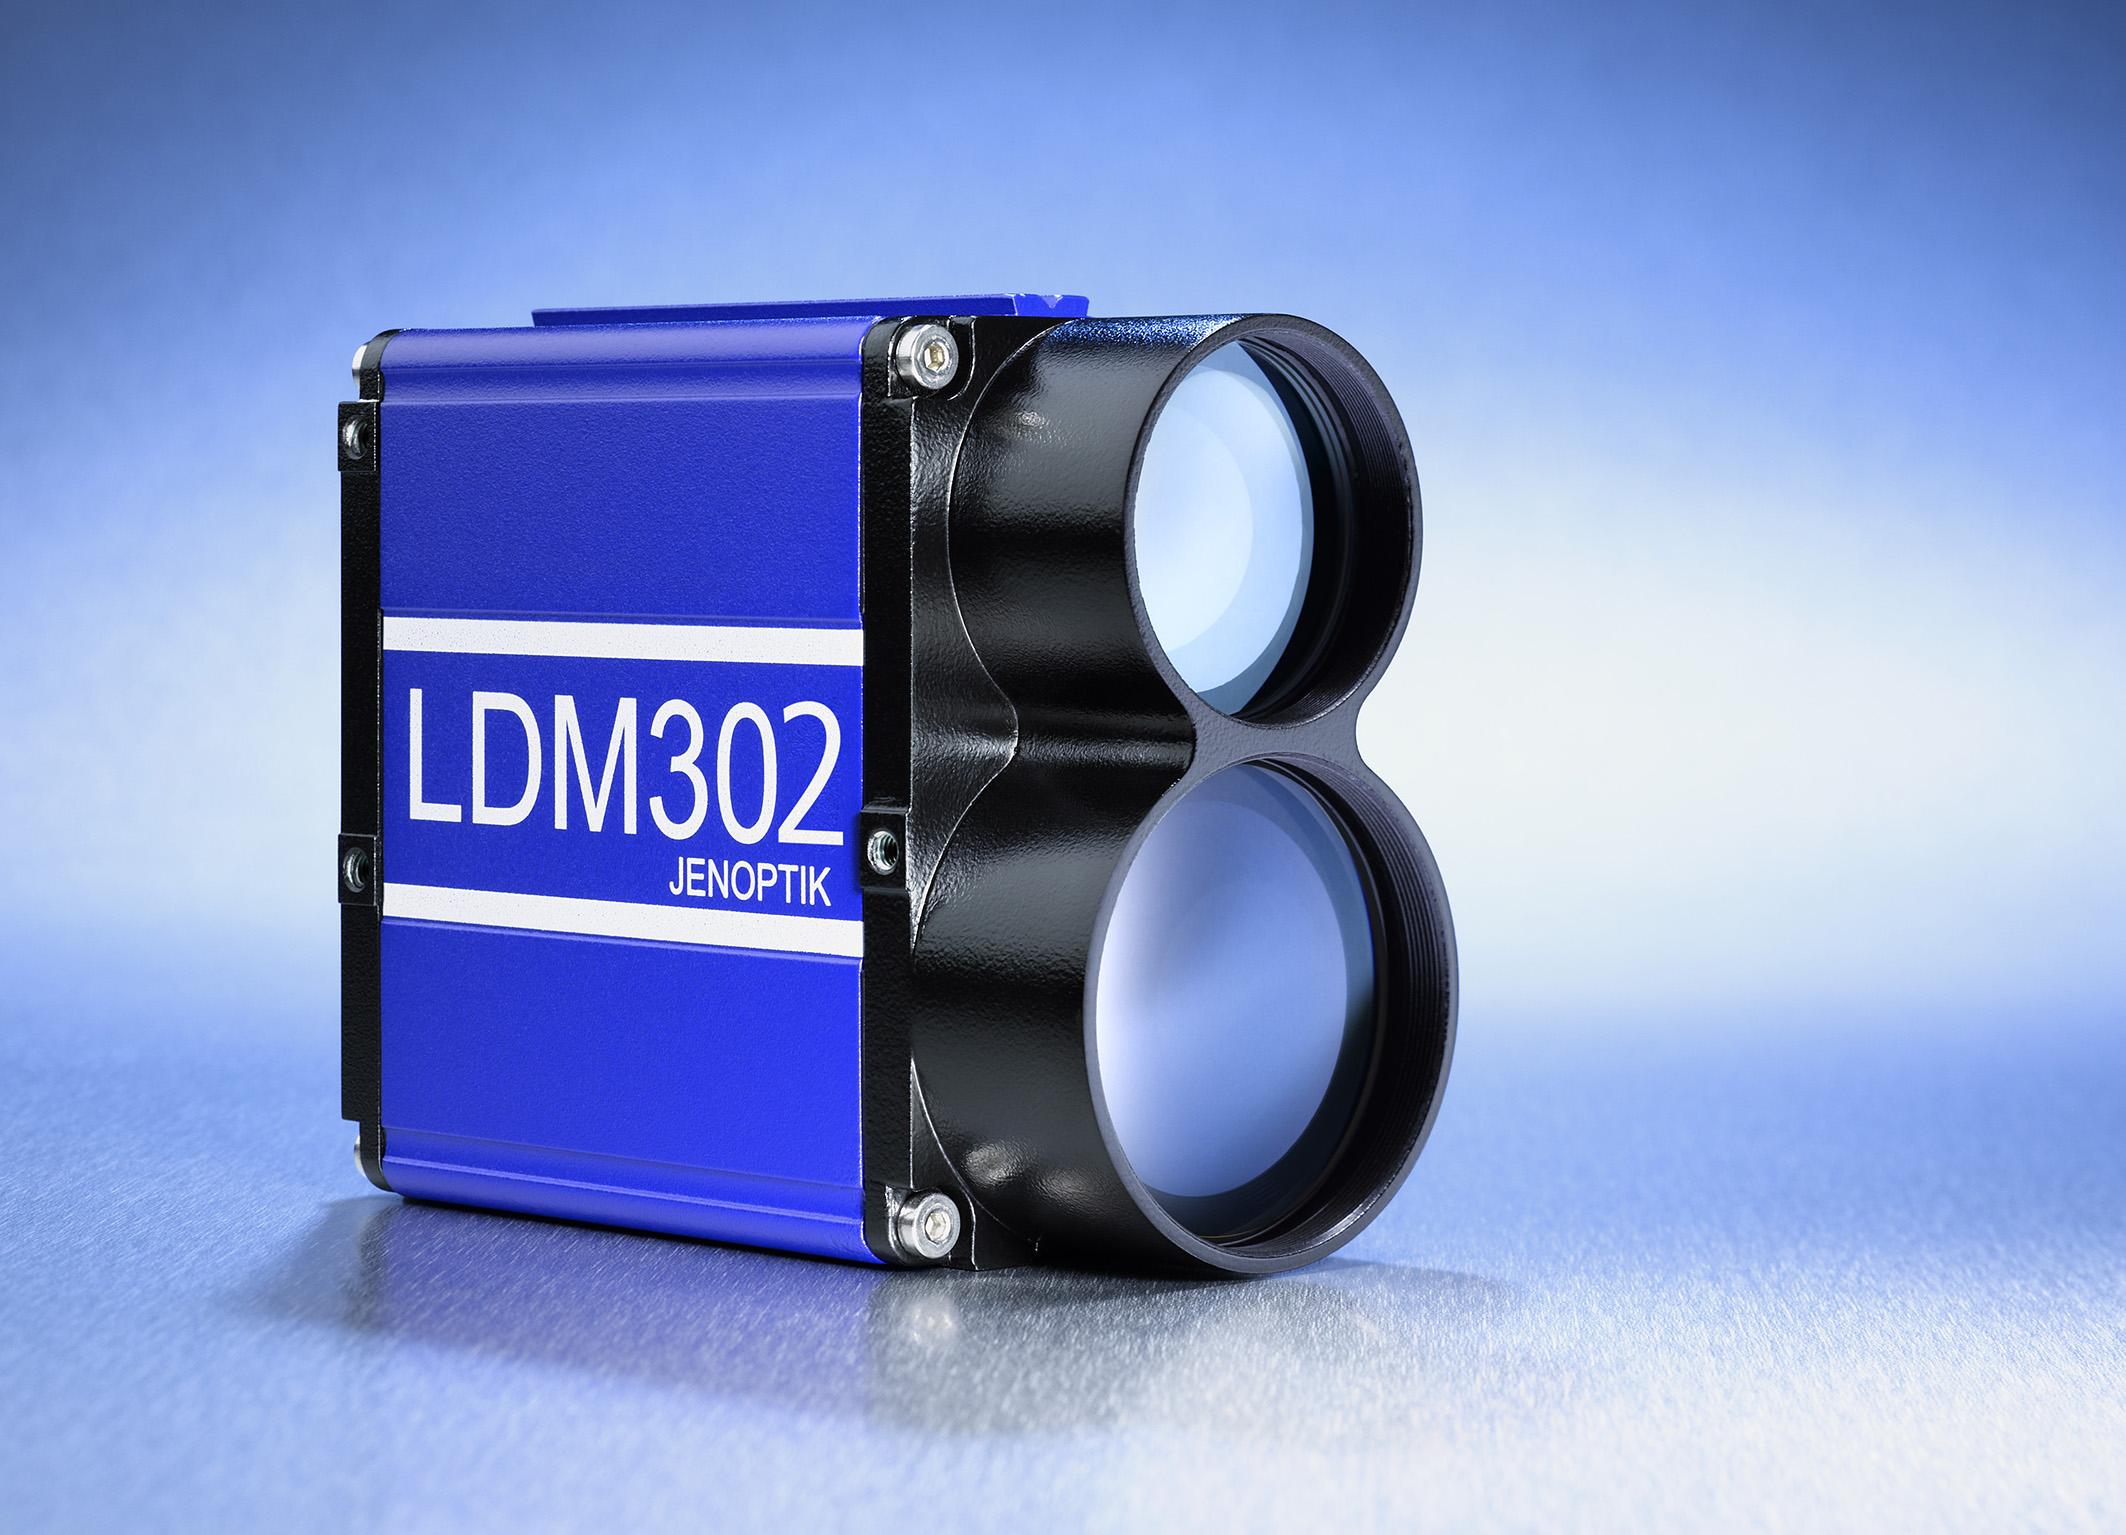 Laser Entfernungsmesser Jenoptik : Neue industrielle laser distanzmessgeräte für reflektorlose